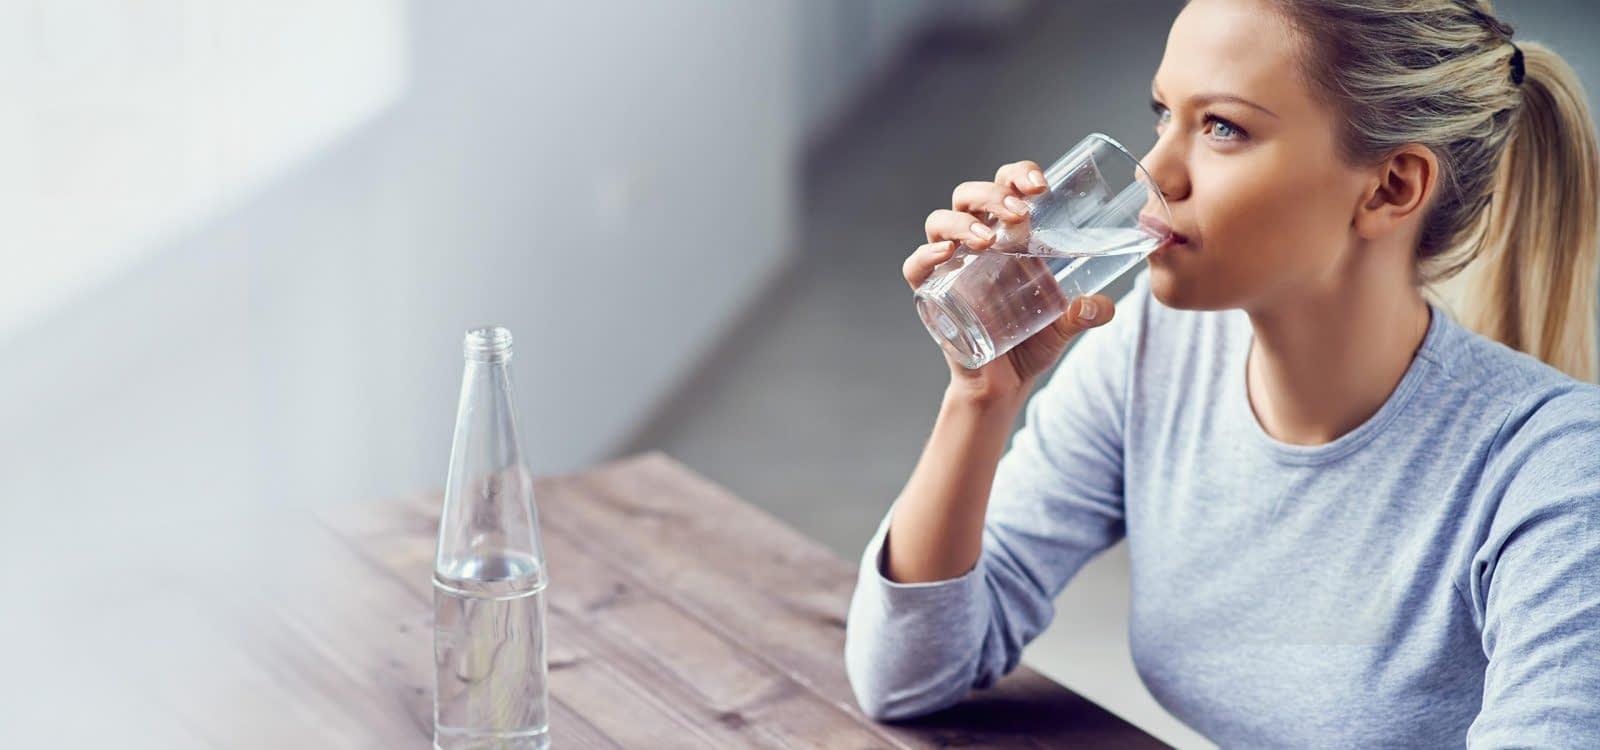 شرب الماء لعلاج الإمساك